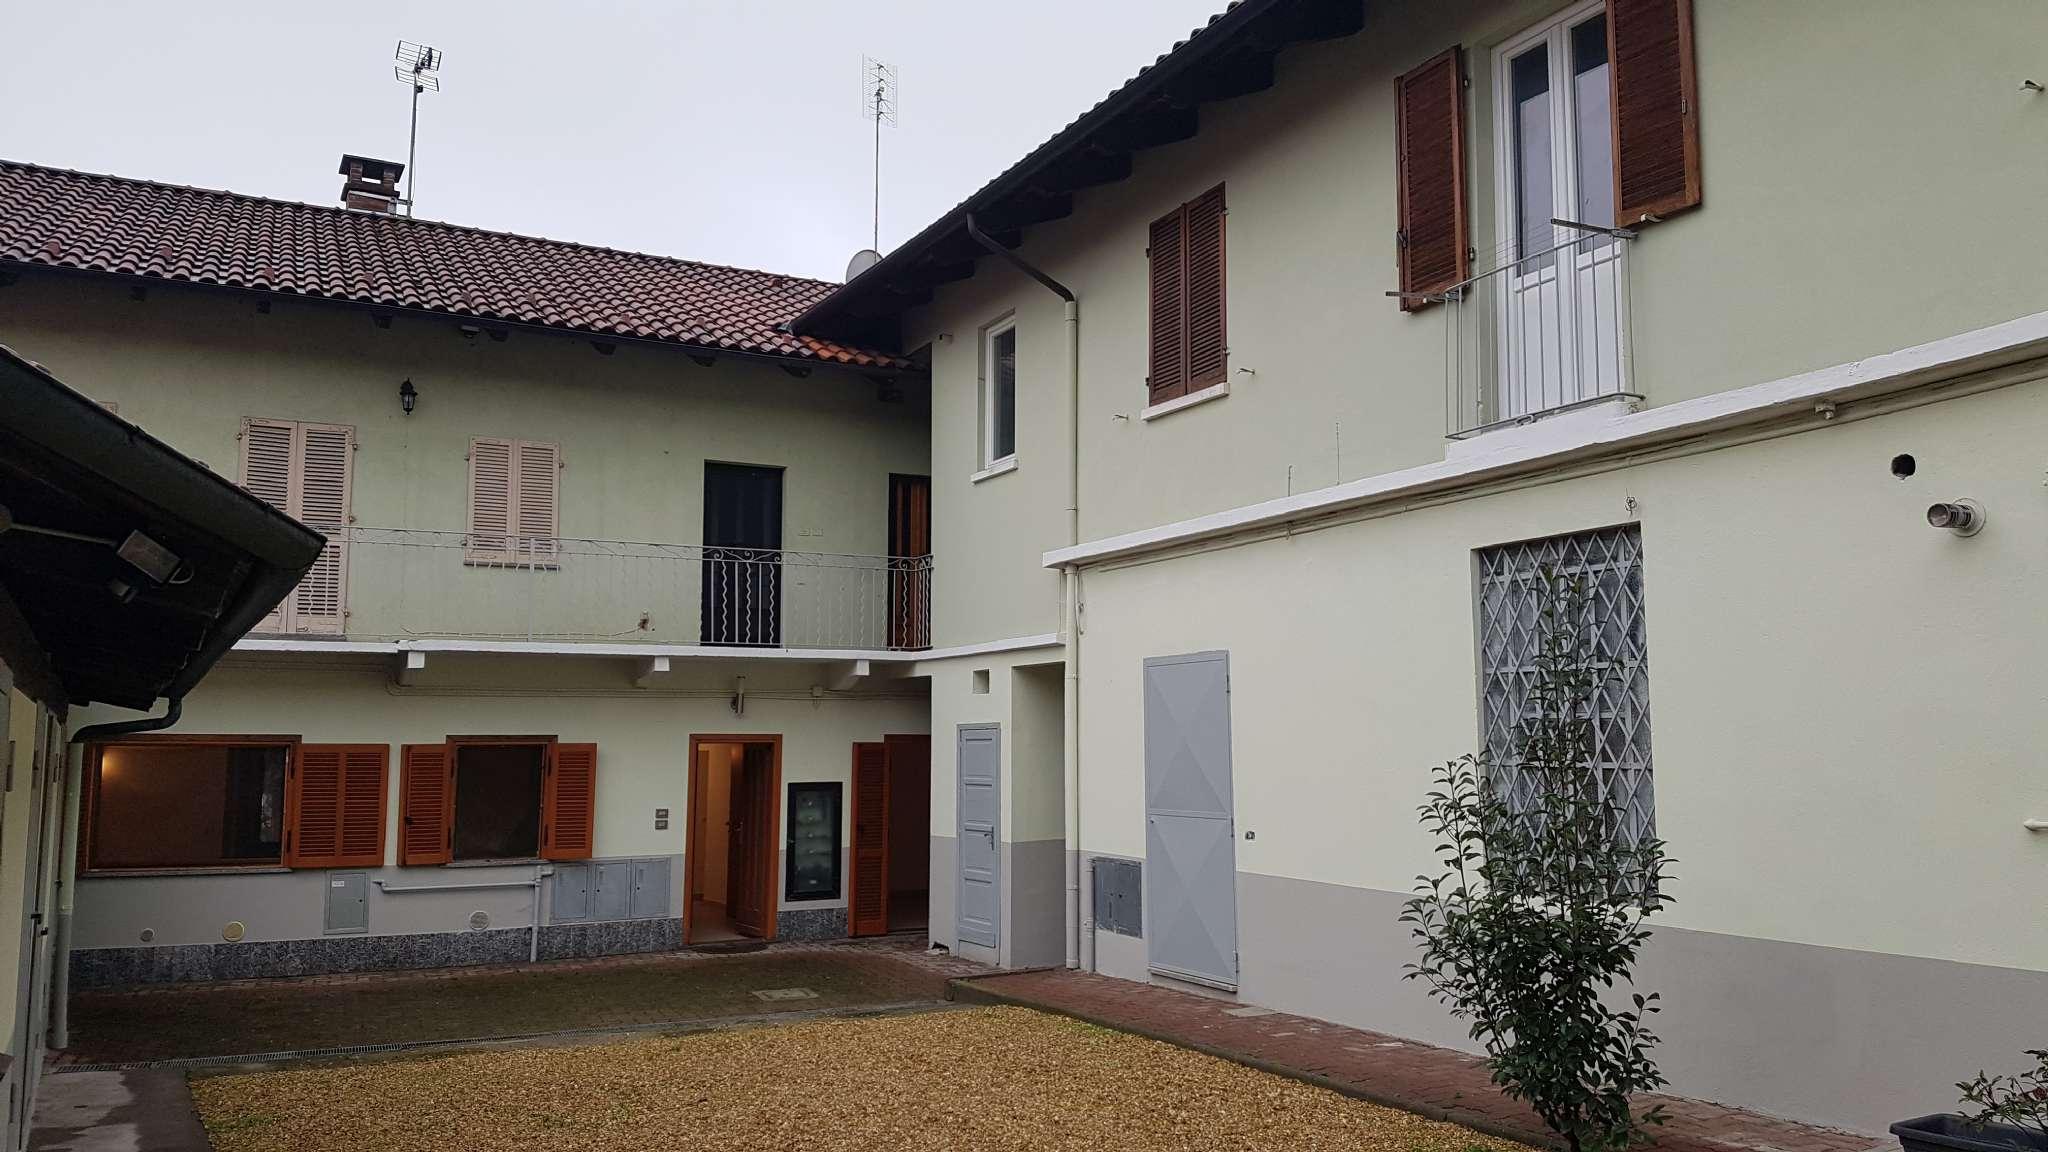 Appartamento in vendita a Trofarello, 2 locali, prezzo € 125.000 | CambioCasa.it